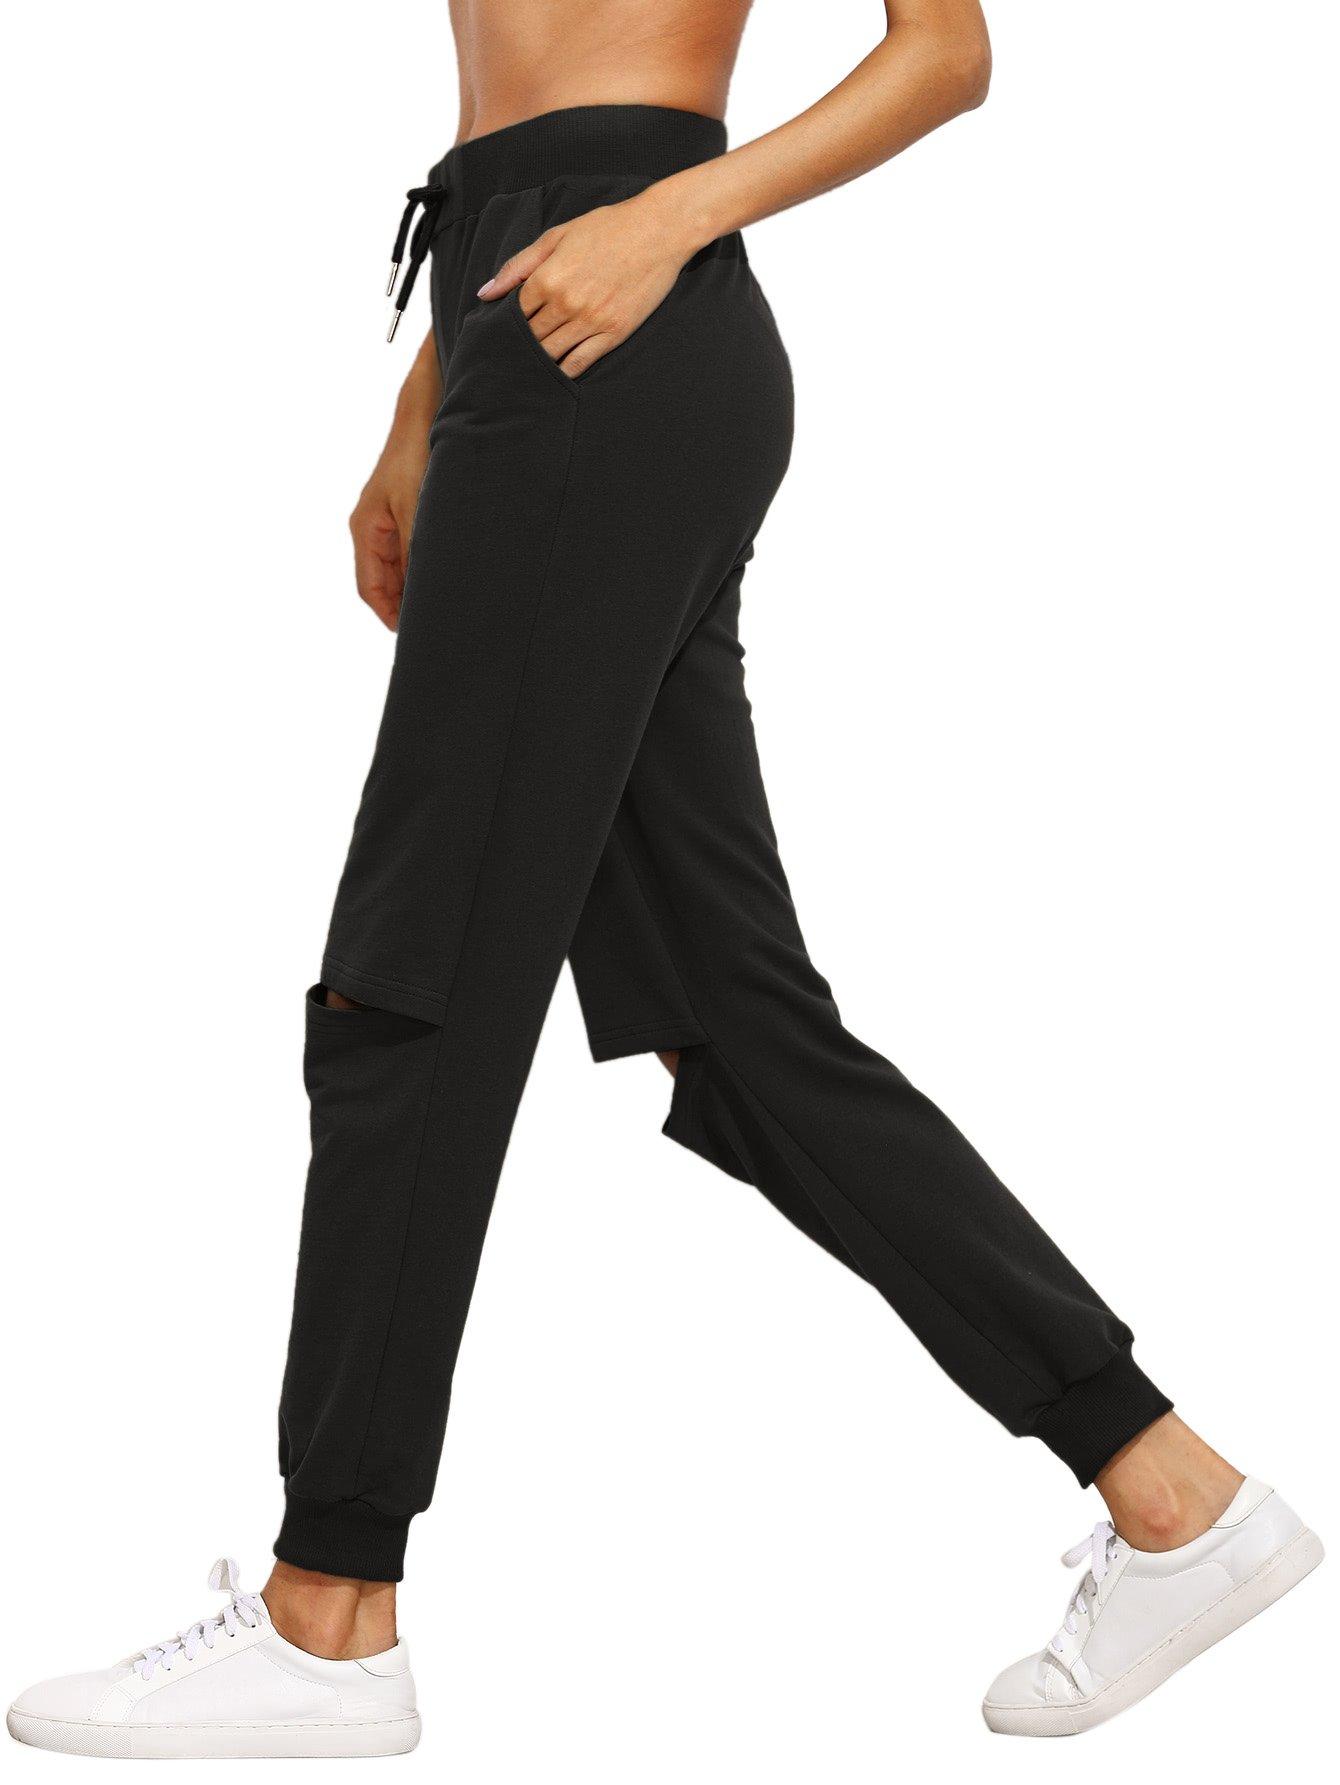 SweatyRocks Womens Ripped Pants Drawstring Yoga Workout Sweatpants Heather